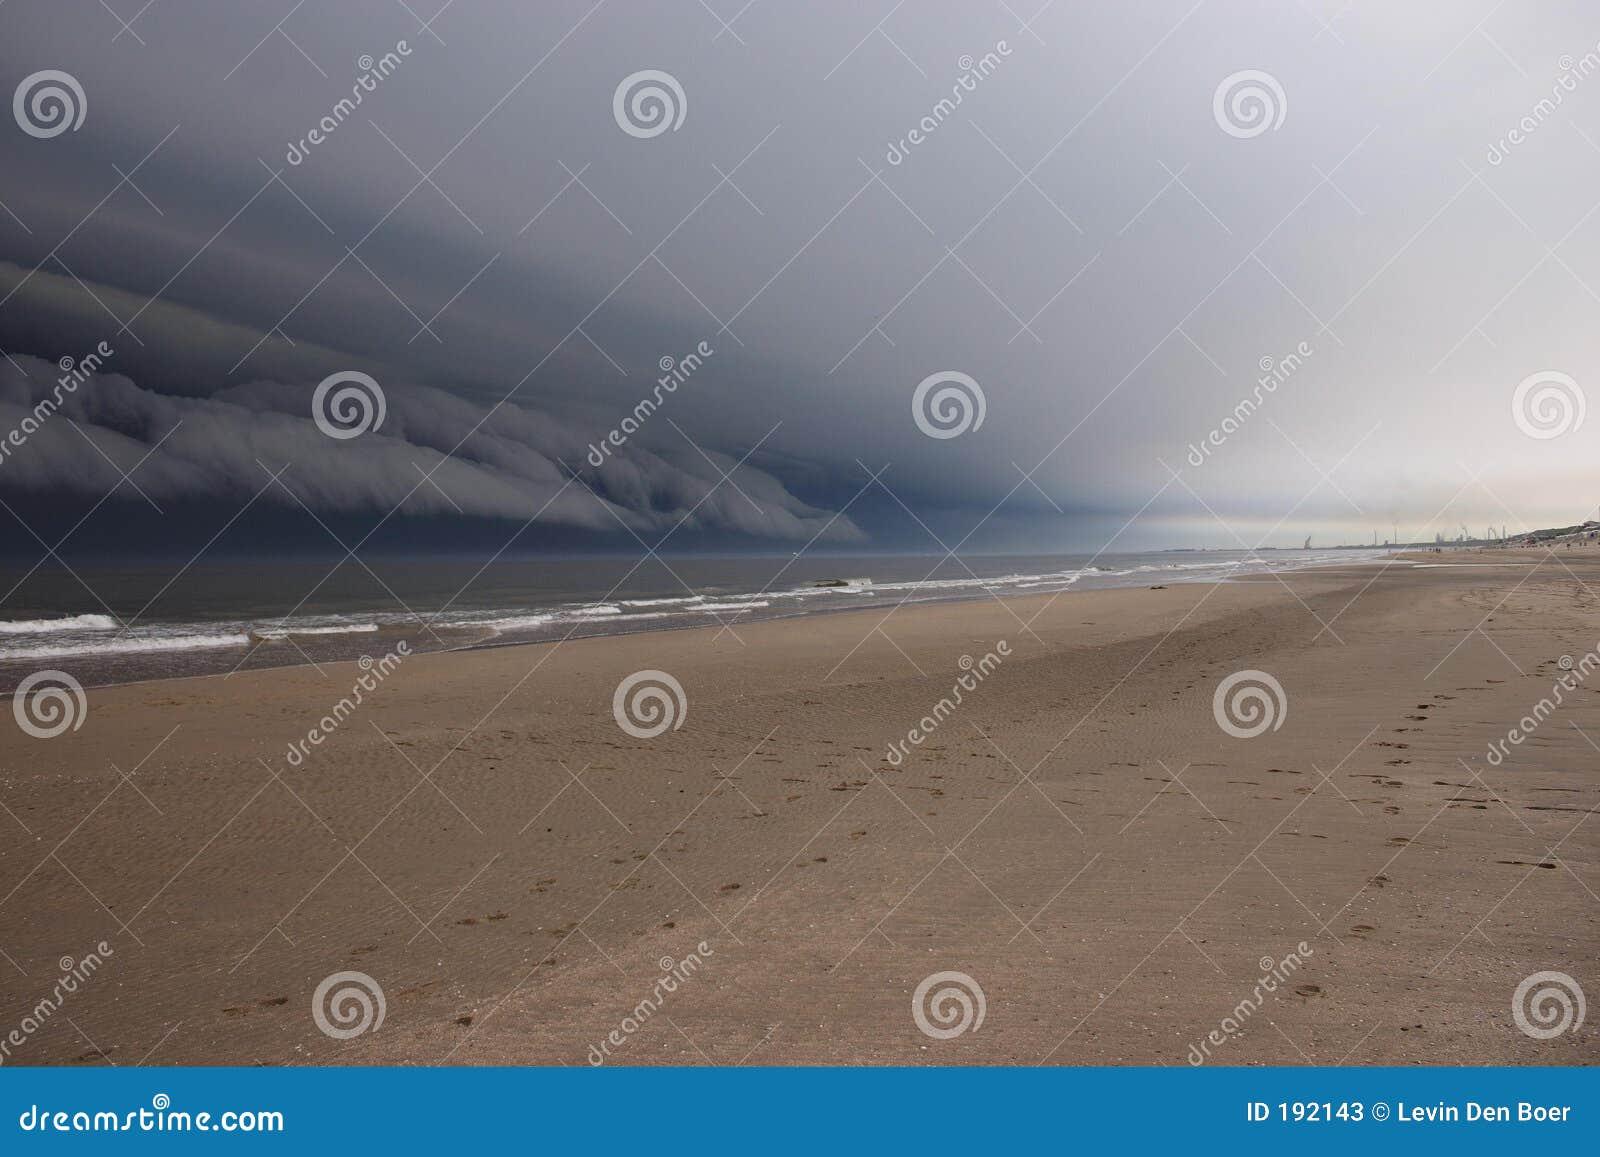 Zandvoort_006